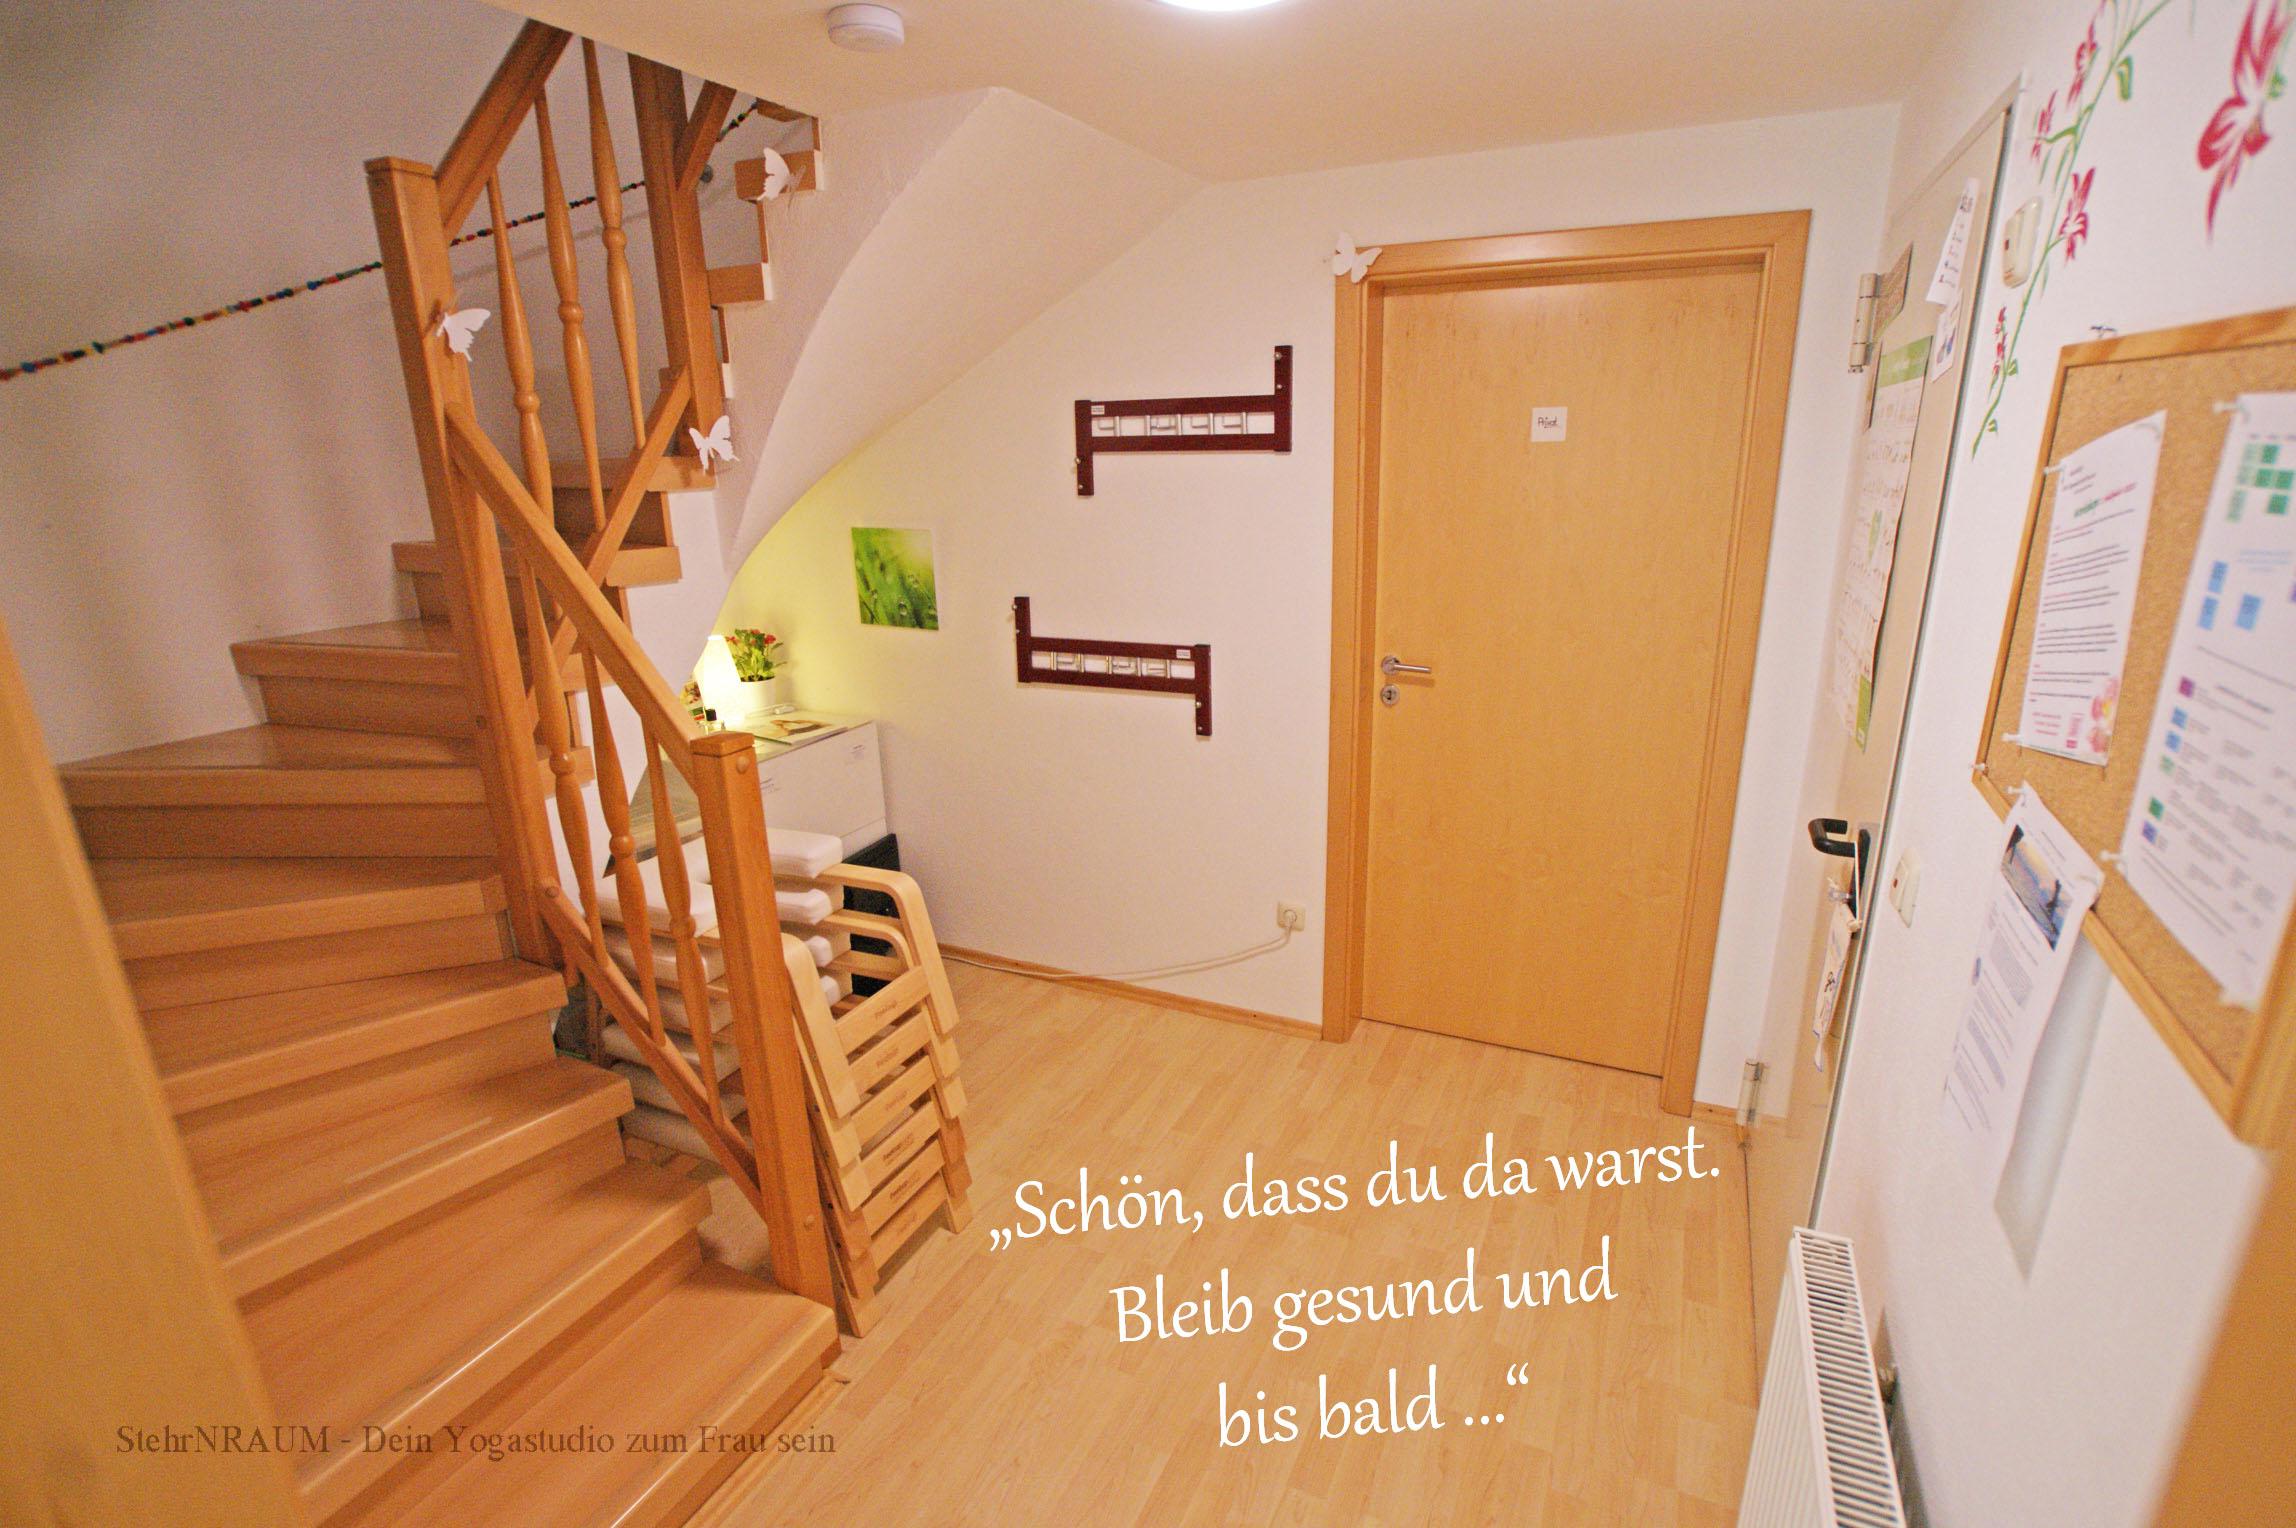 12 DSC05979 Garderobe_Abschied